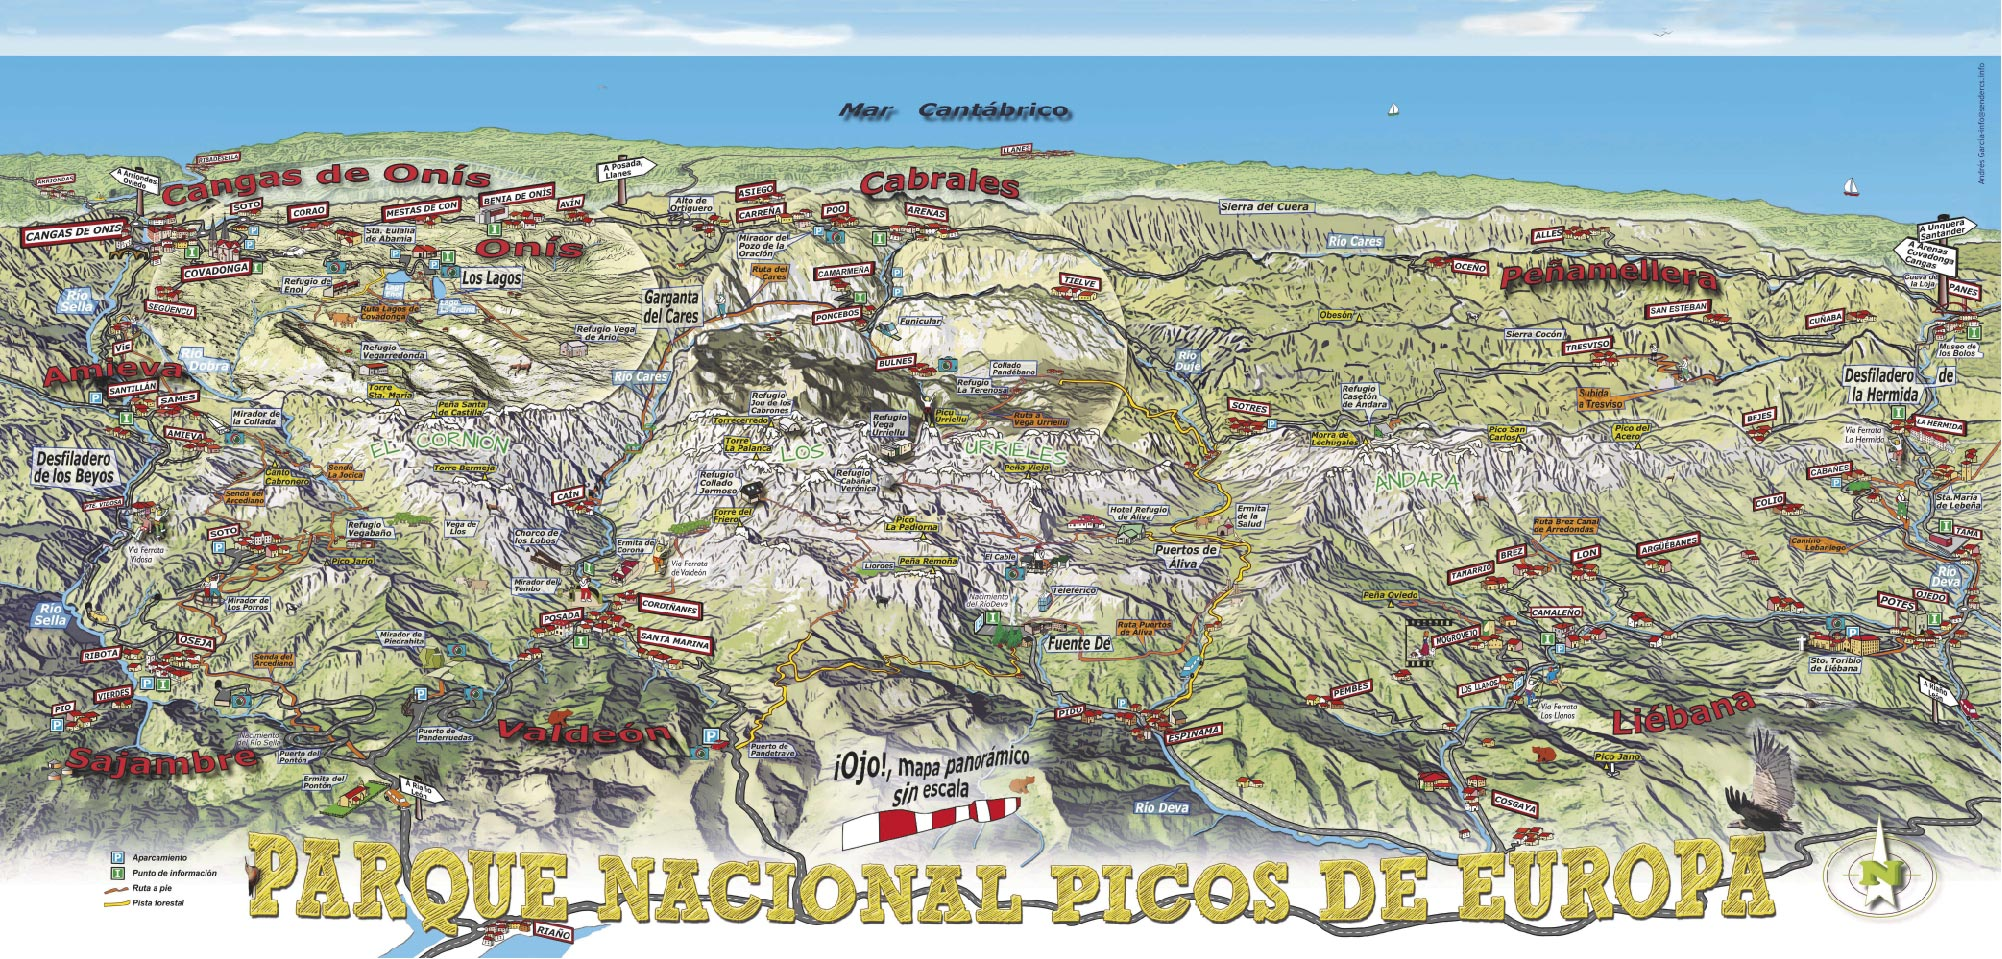 Mapa Turistico De Asturias Y Cantabria.Mapa Panoramico Del Parque Nacional De Los Picos De Europa